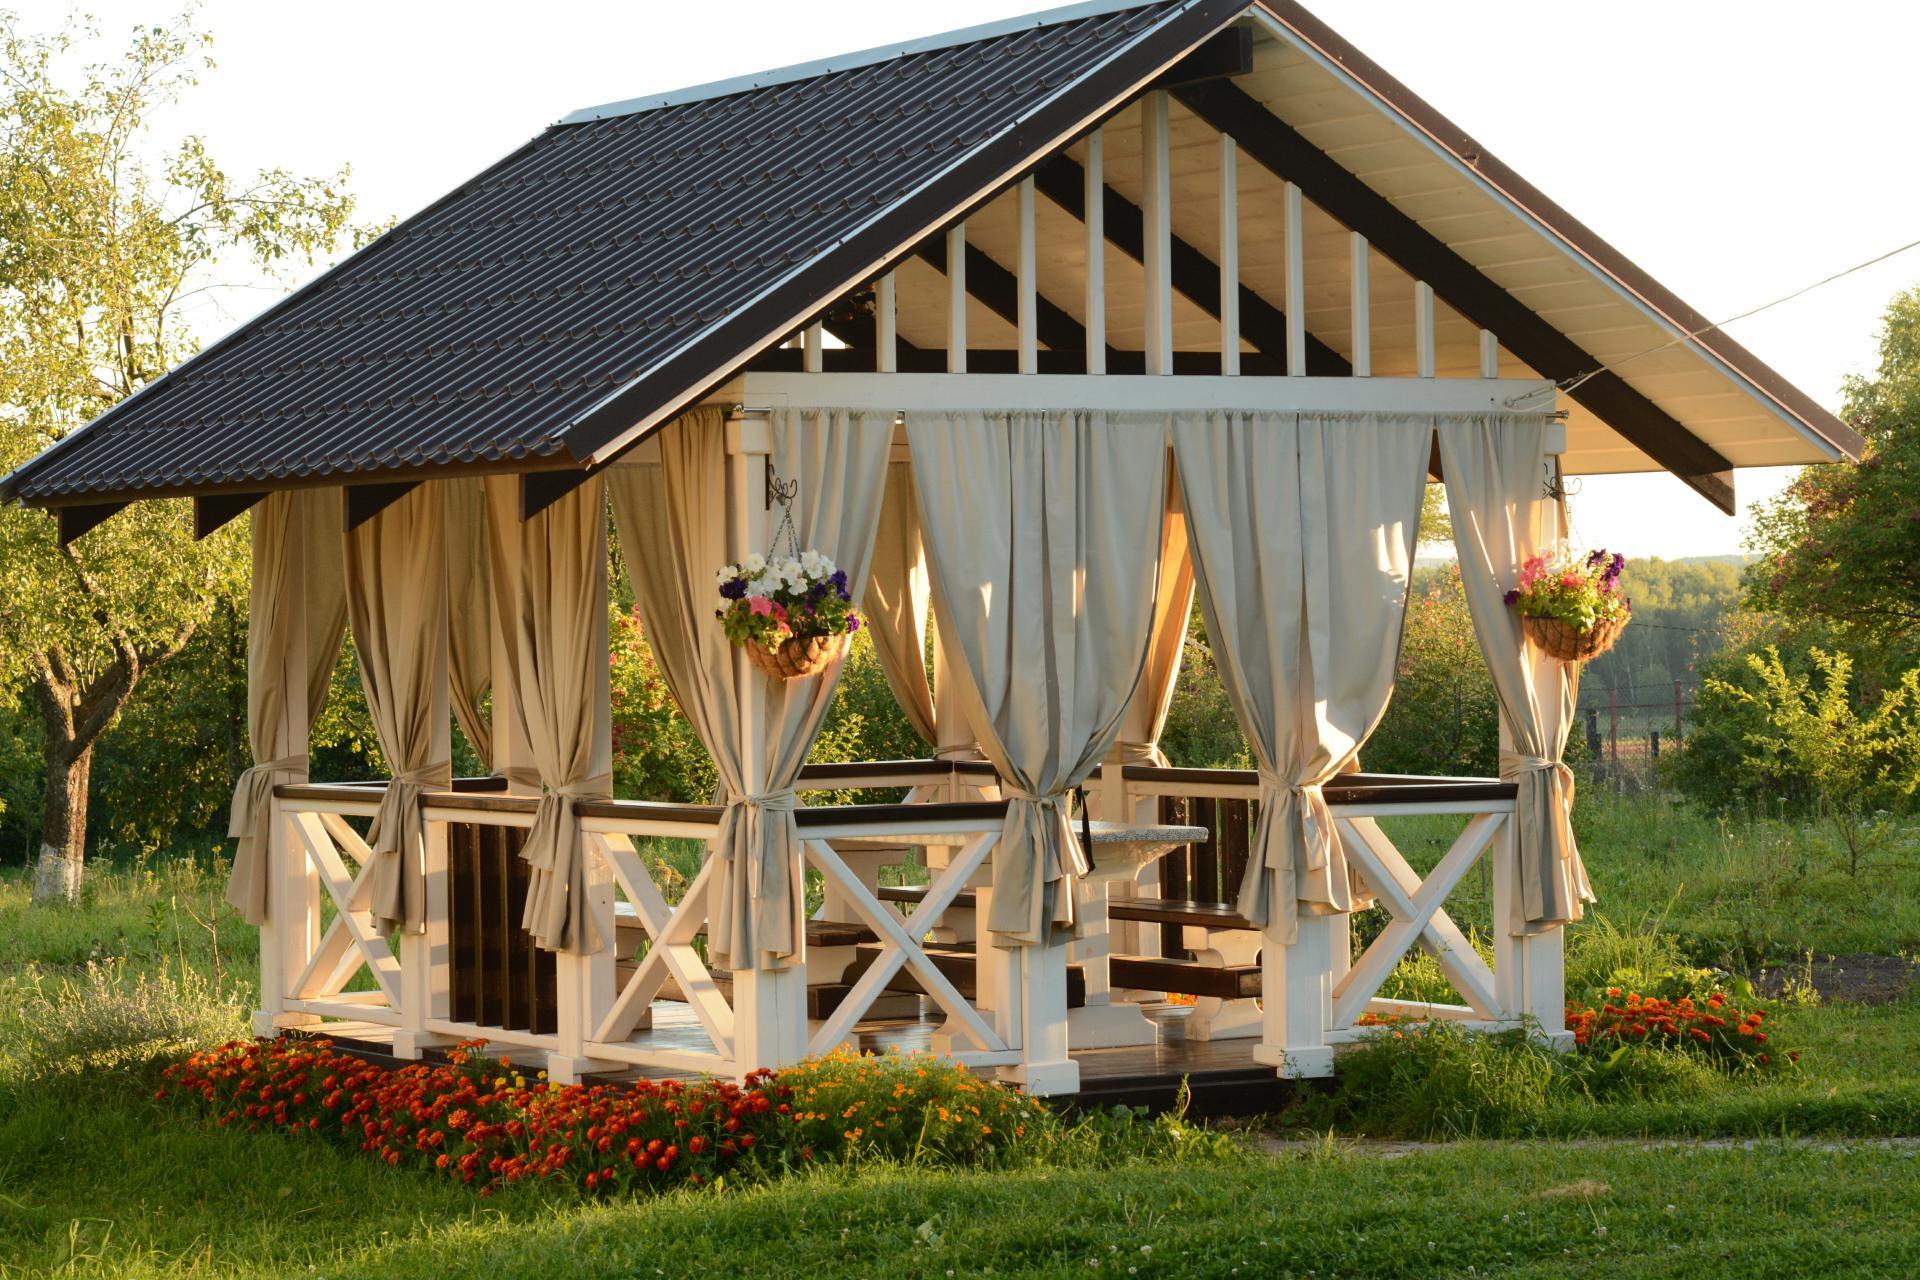 Gartenhaus Erst Aufbauen Dann Streichen